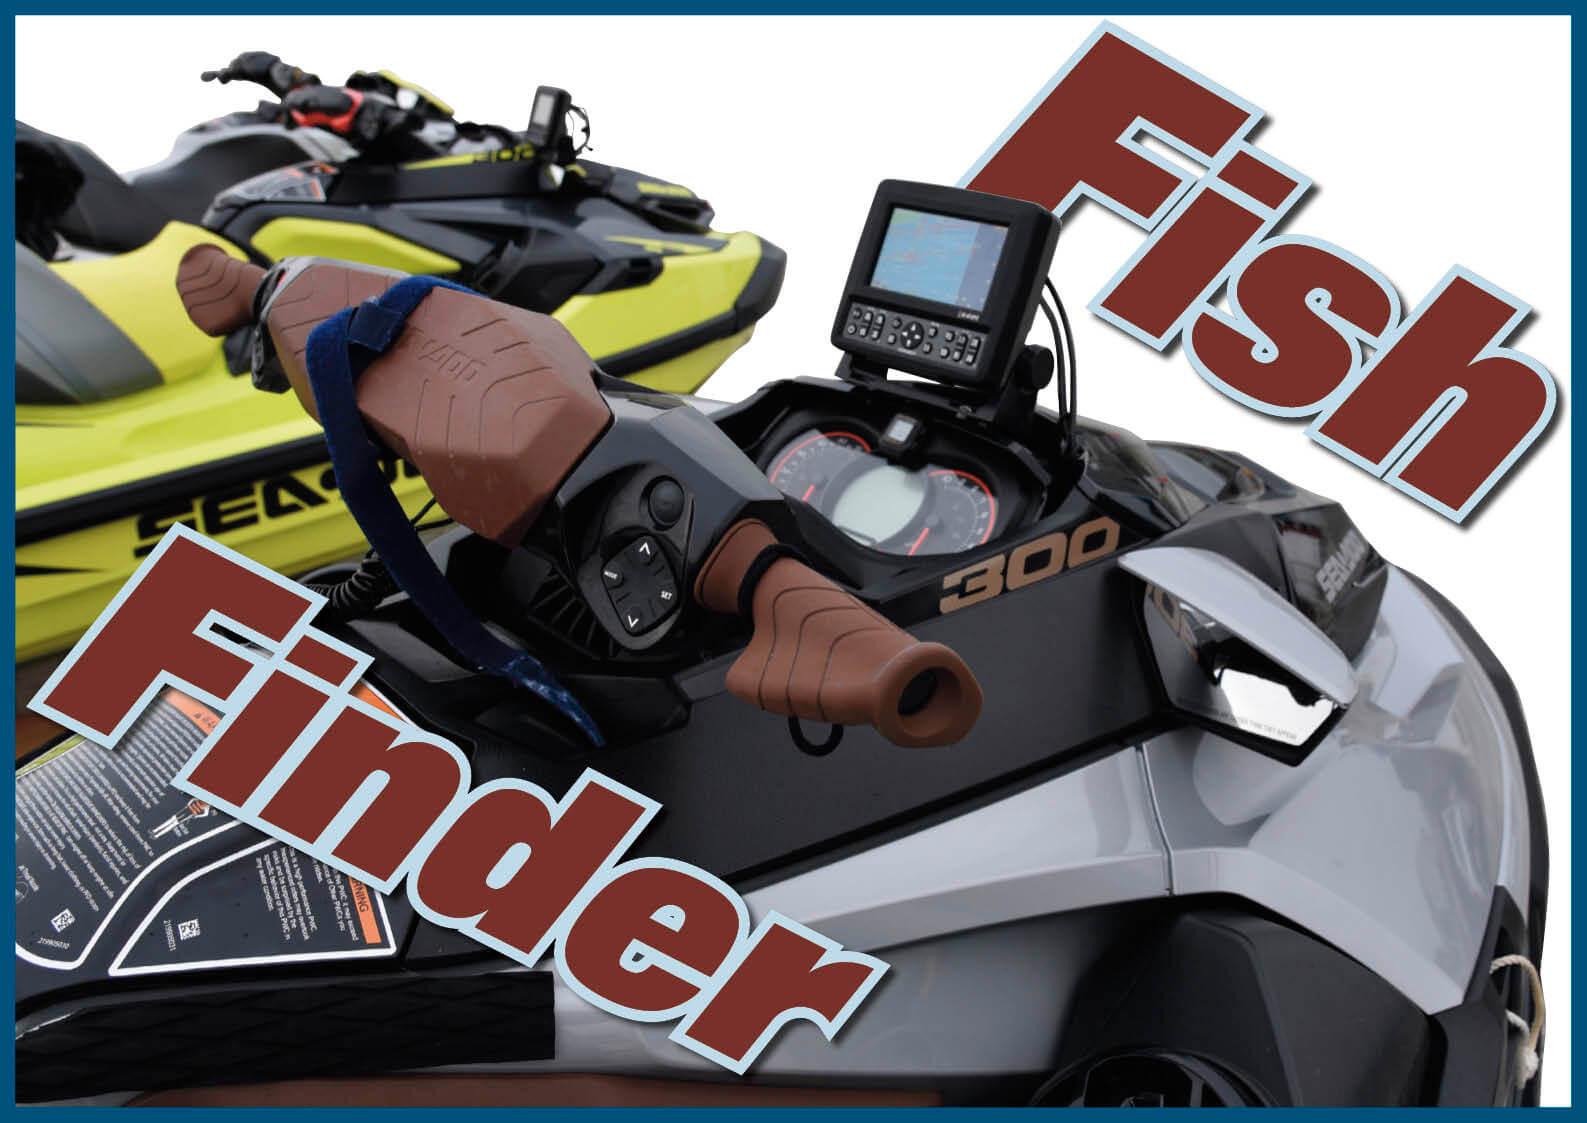 ジェットフィッシングの強い味方「魚群探知機」 ツーリングにも役立ちます。ジェットスキー(水上バイク)